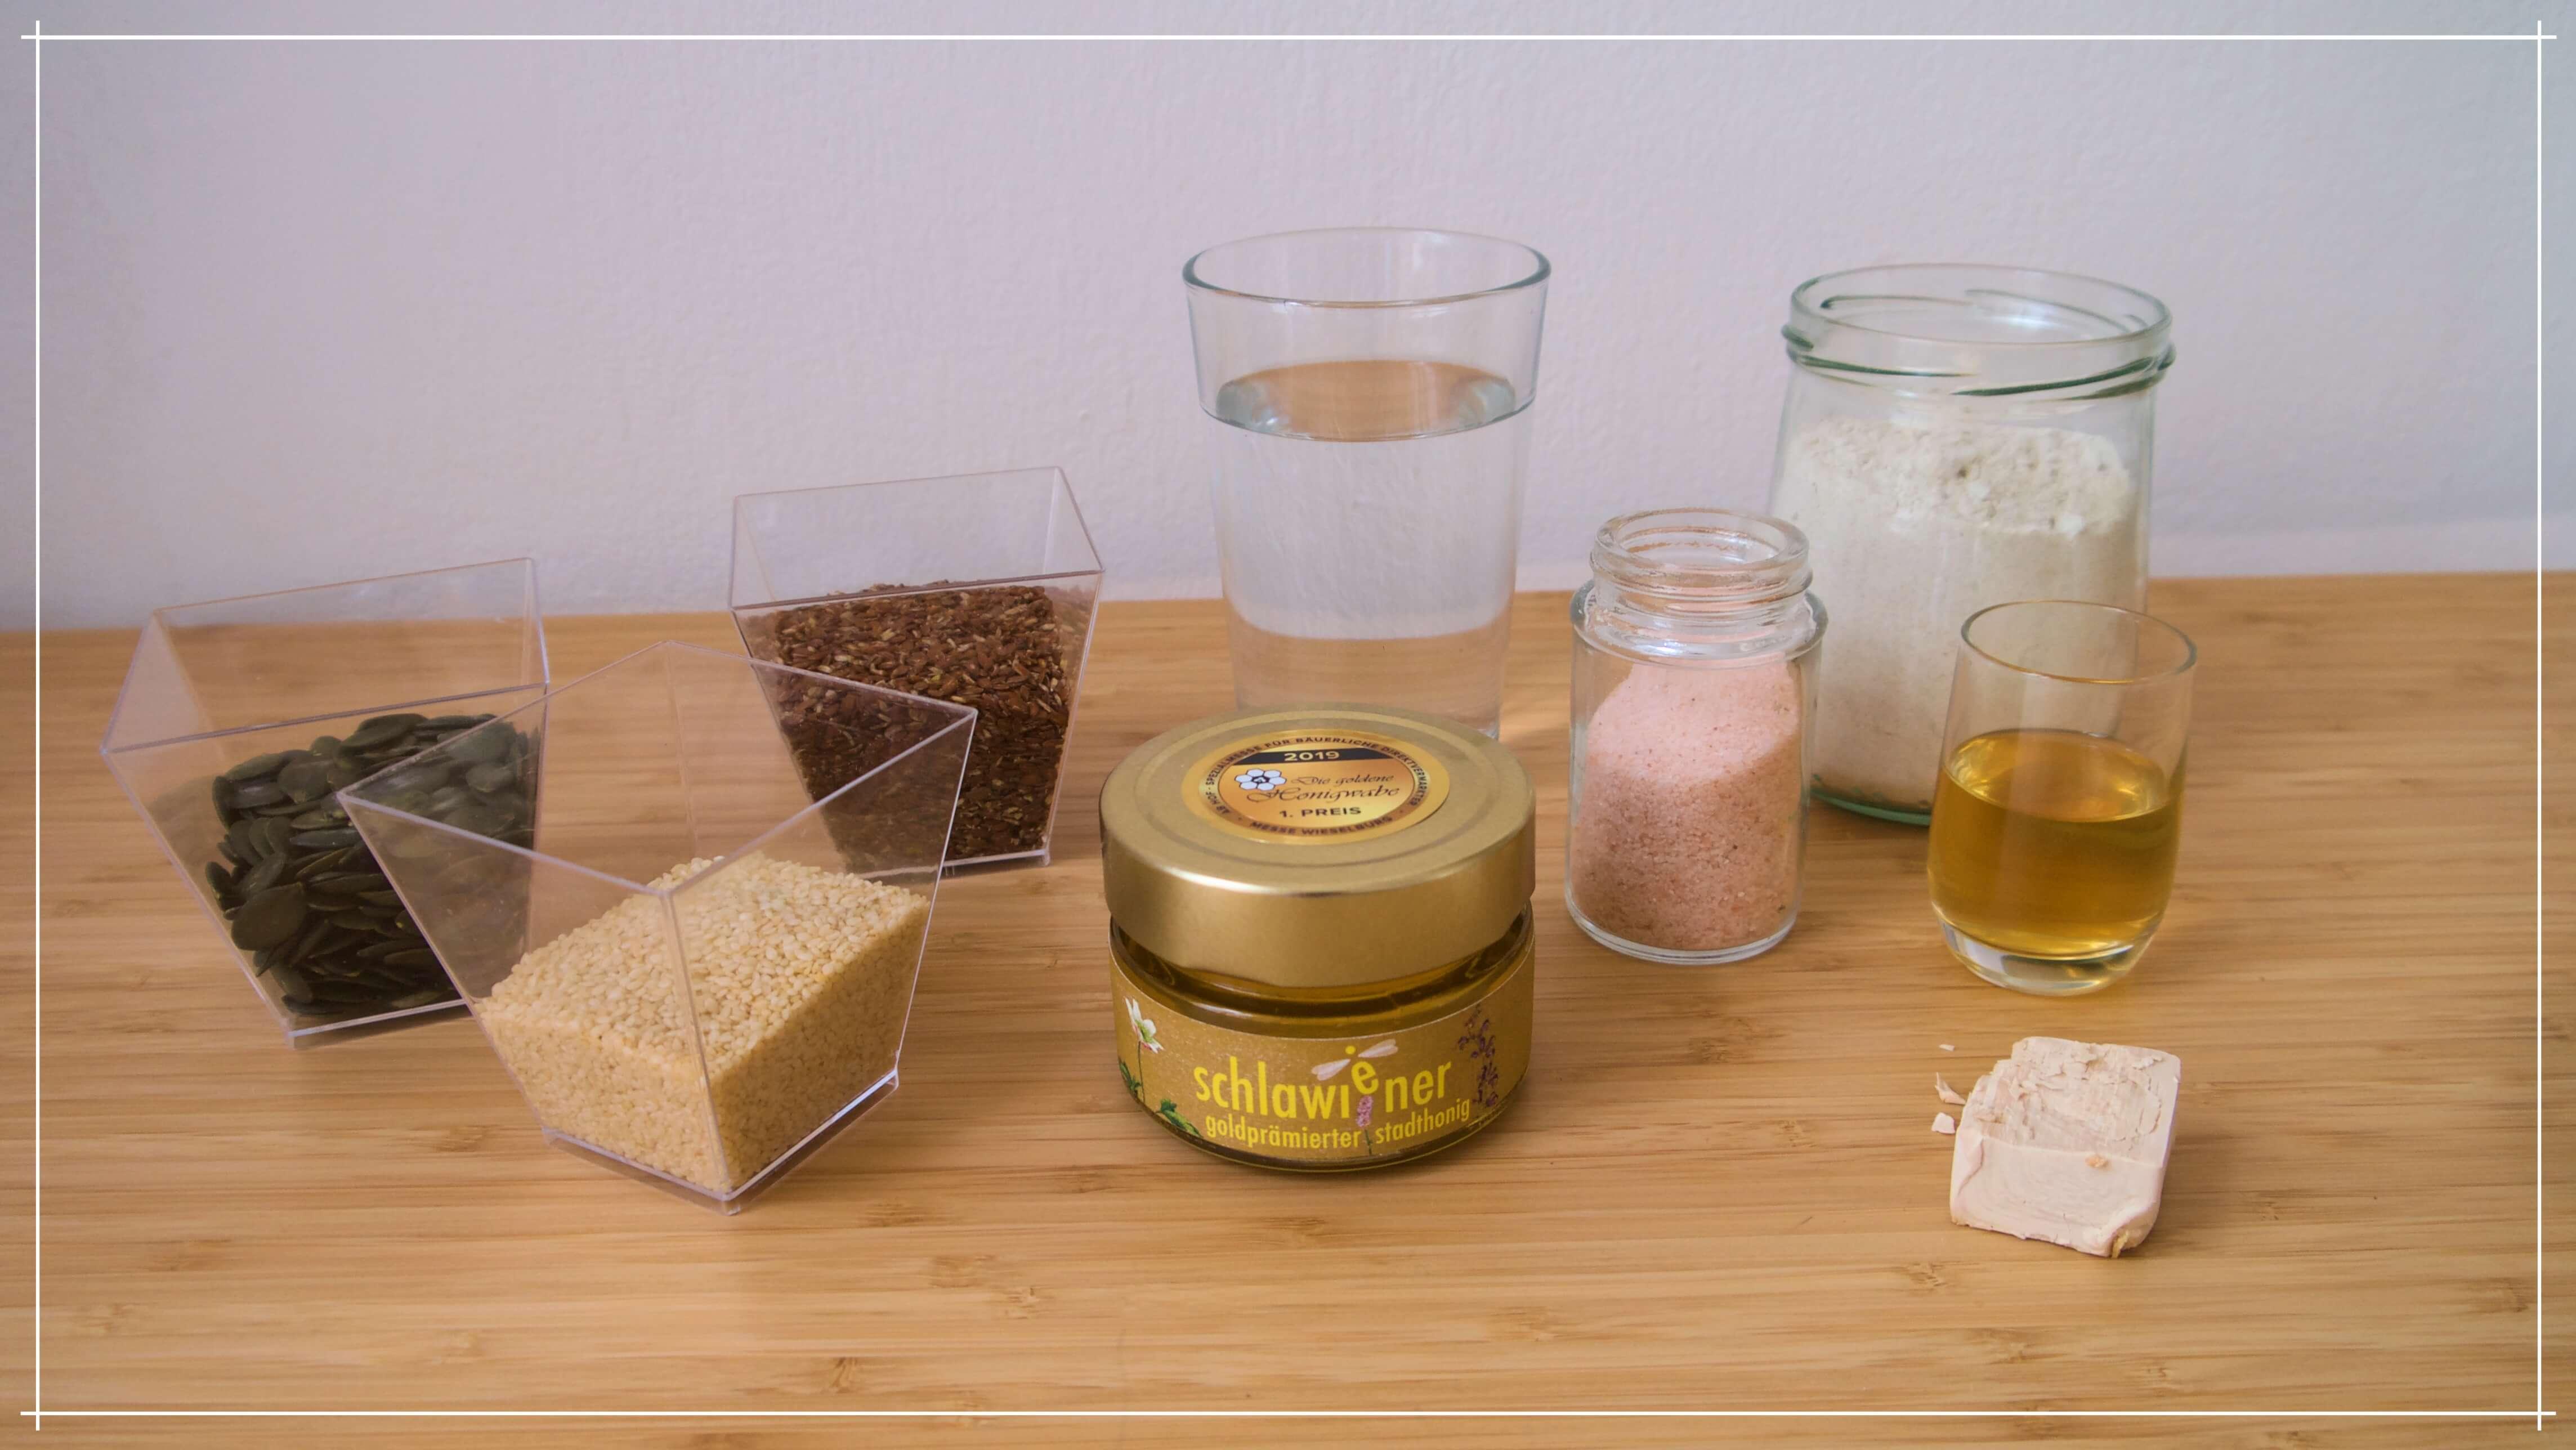 Zutaten für dein selbstgebackenes Honigbrot mit schlawiener honig